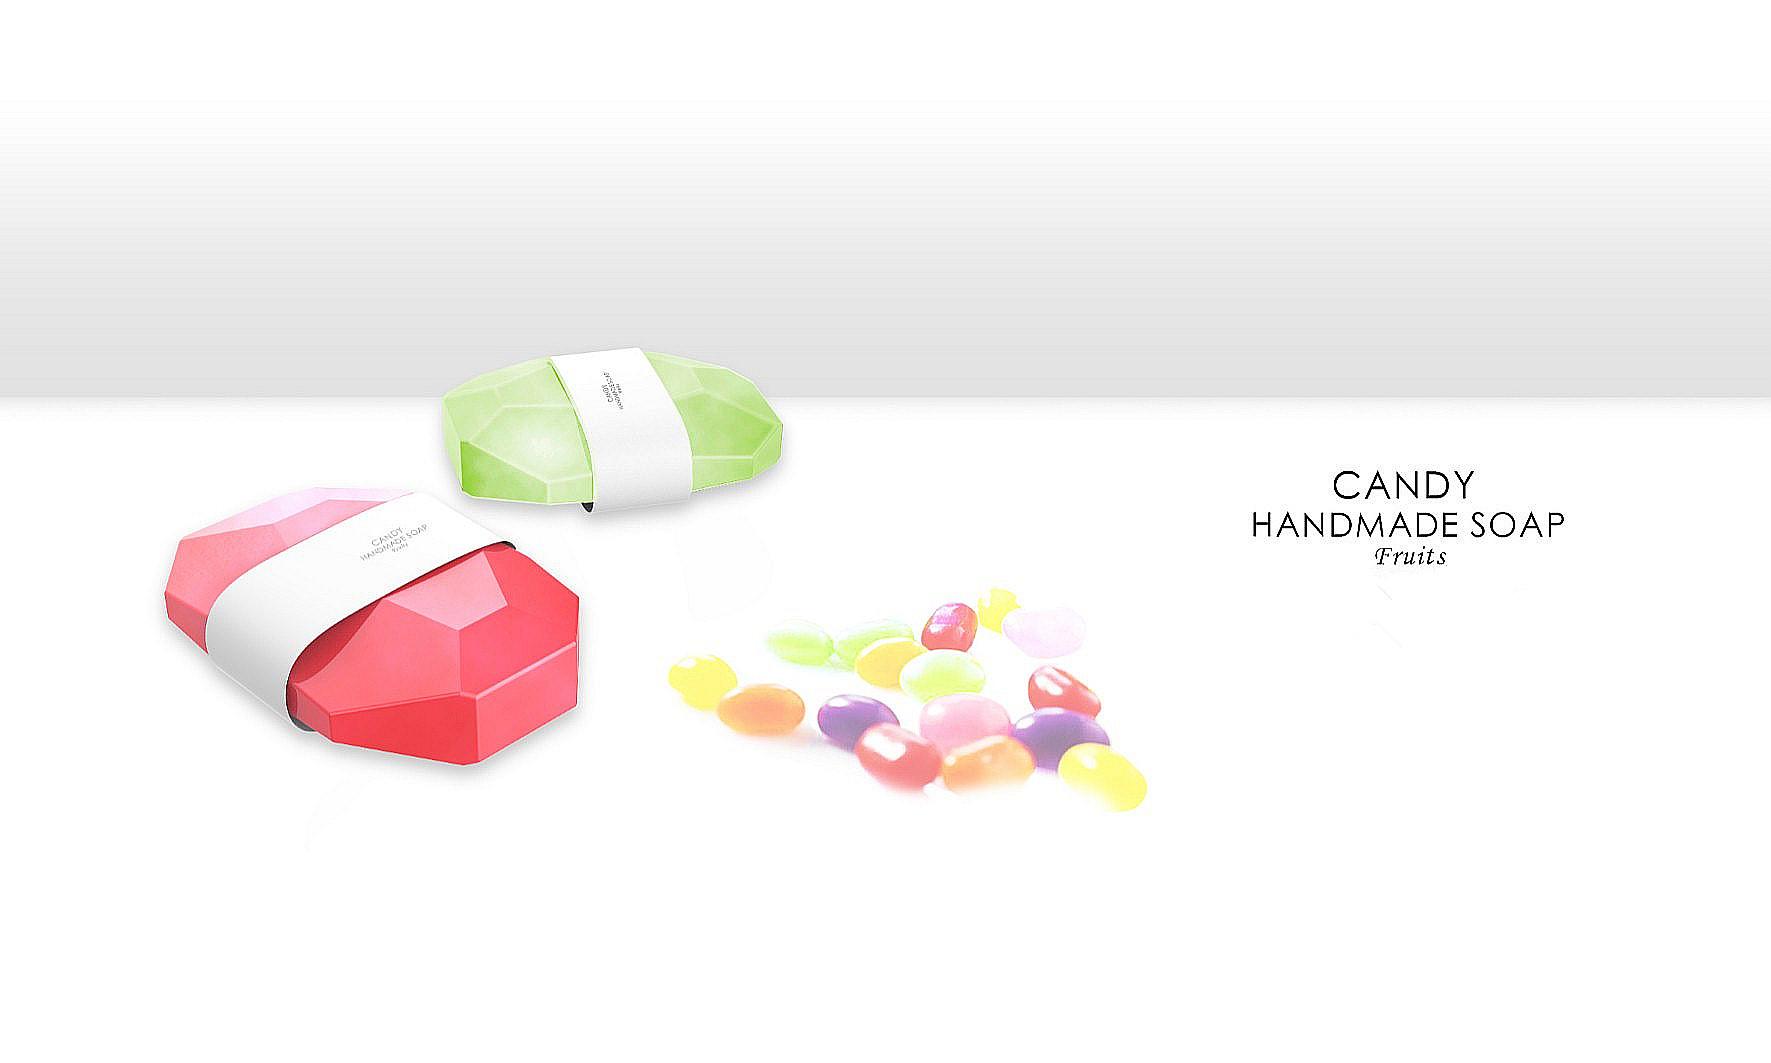 糖果色钻石手工皂—宜信定制